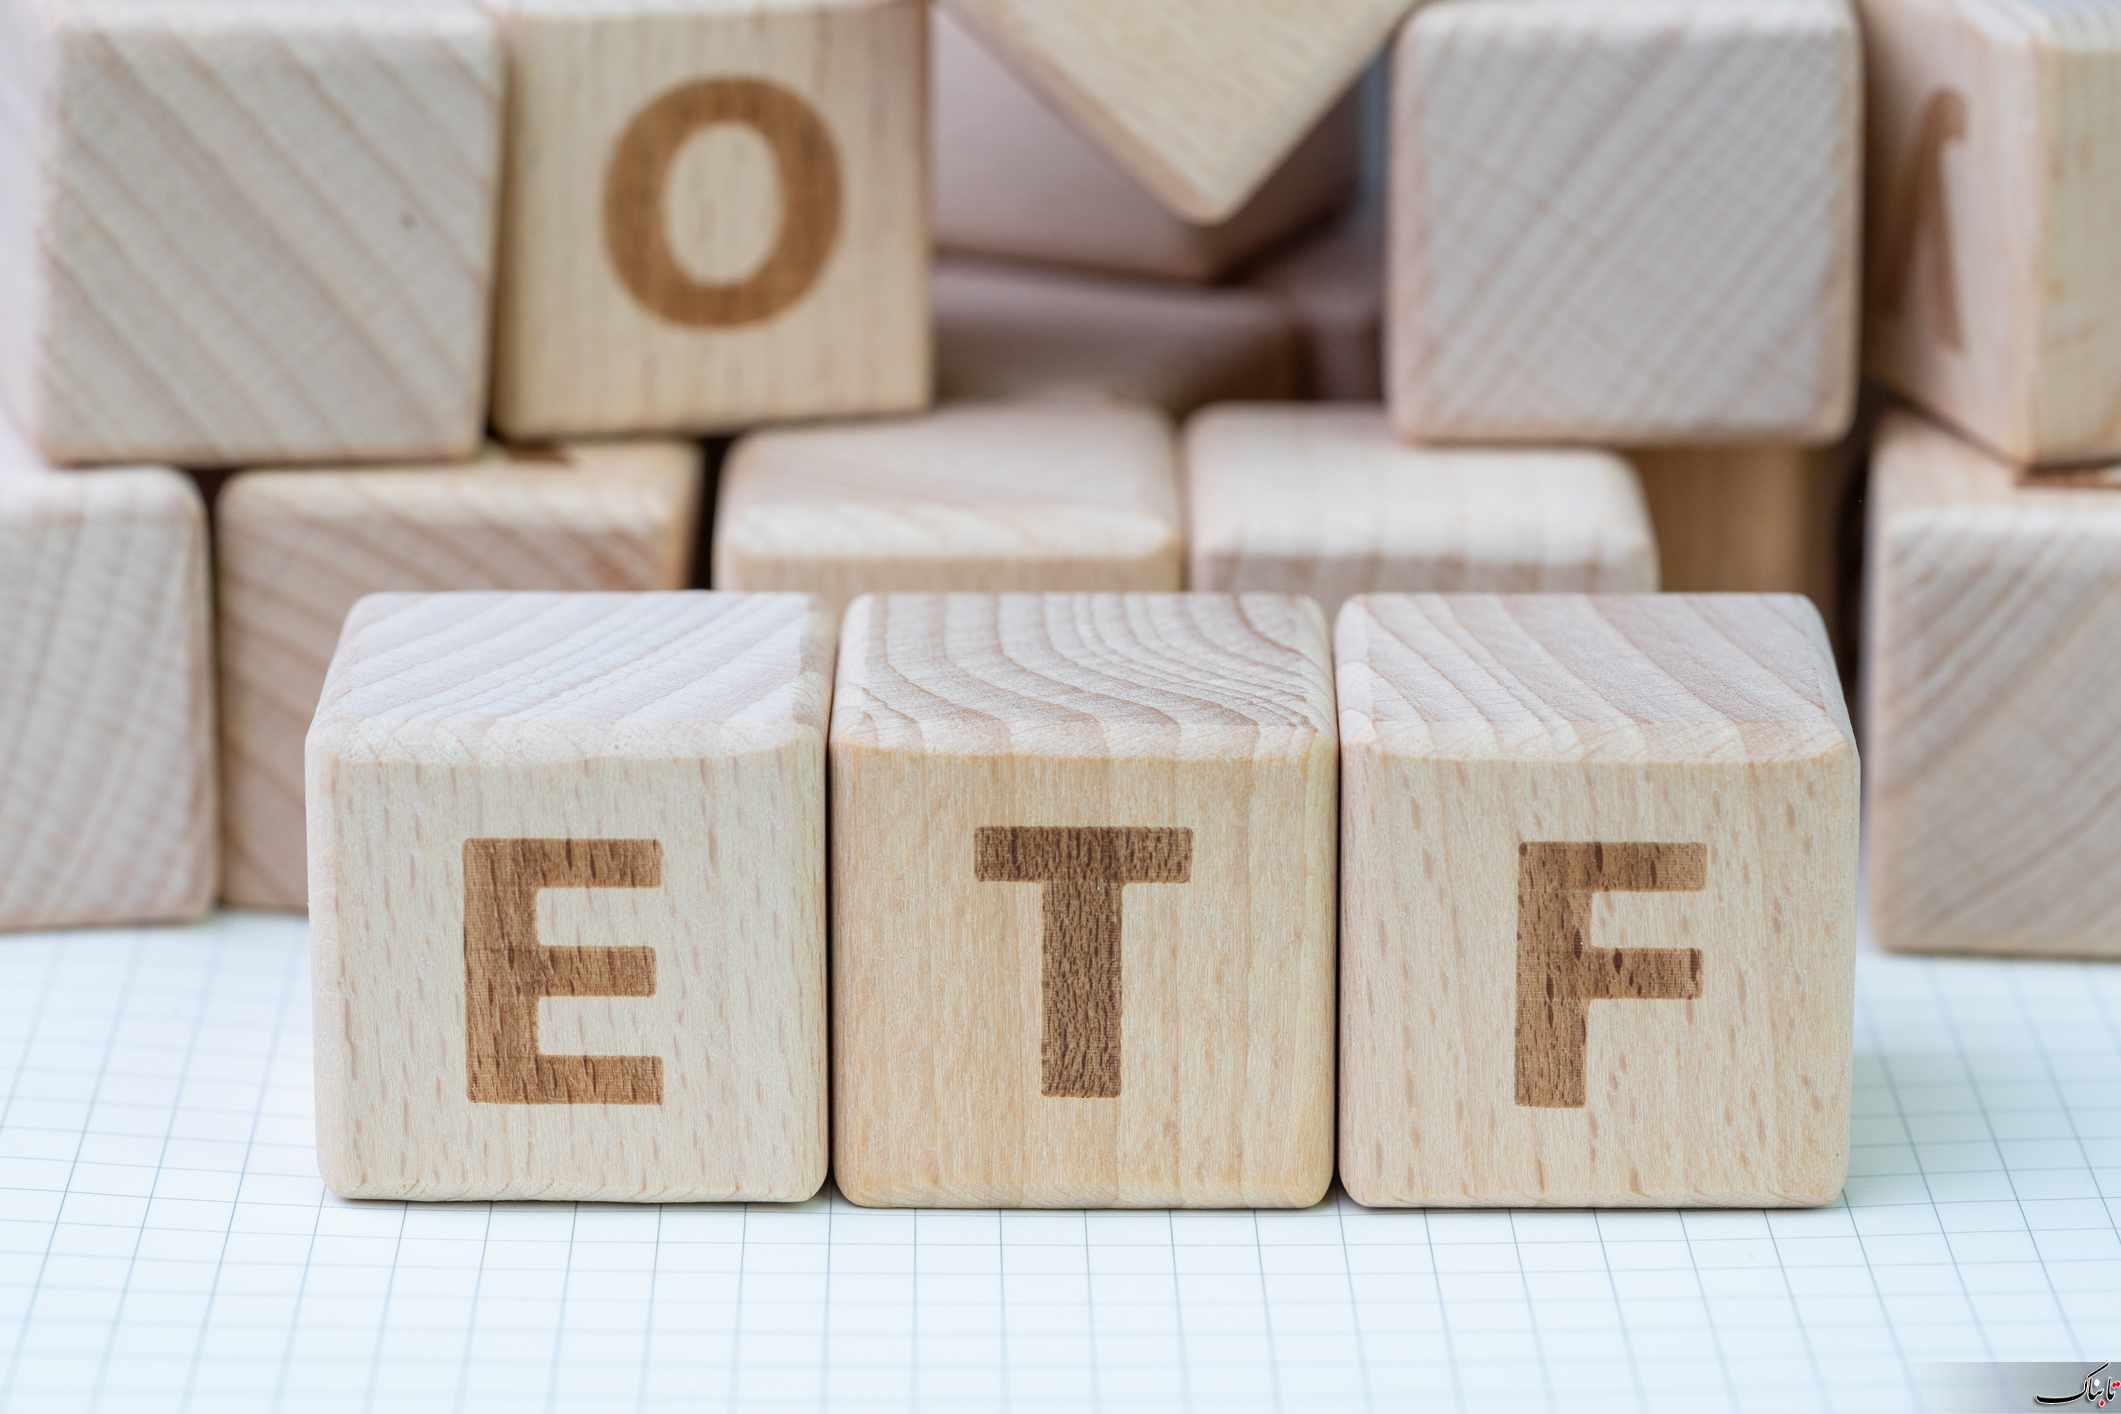 چرا مردم از چراغ سبز دولت برای سرمایه گذاری در ETF و خرید سهام دولت استقبال نکردند؟